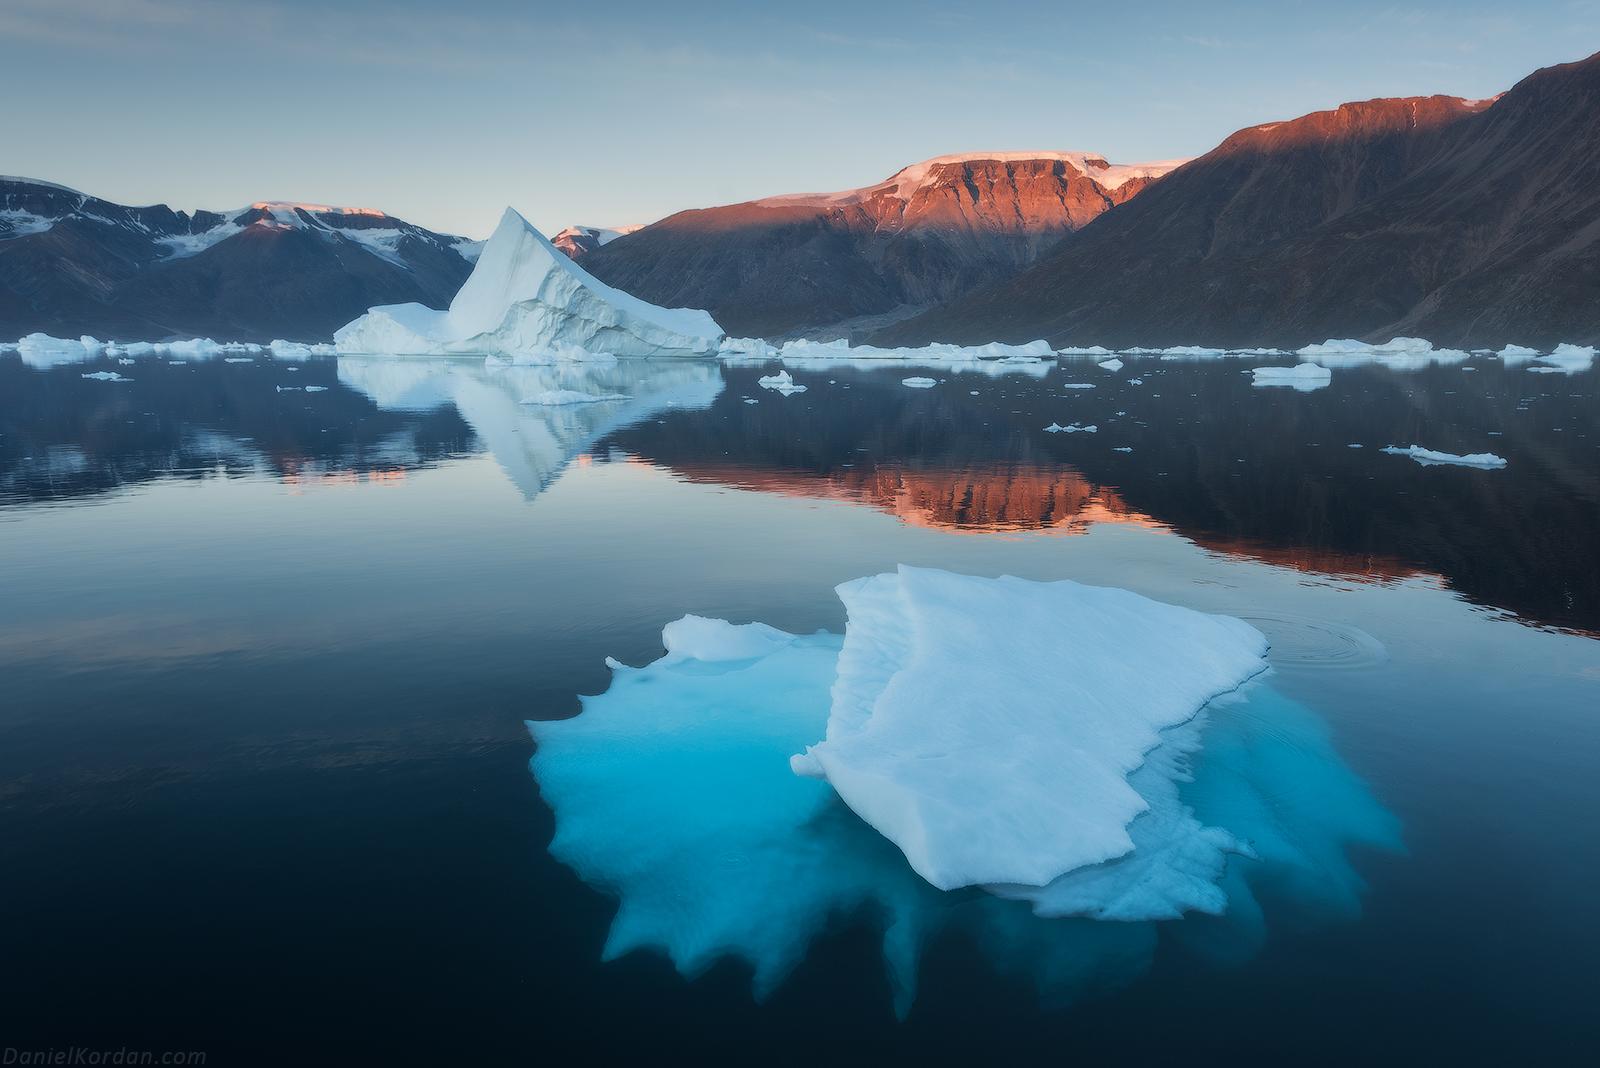 동부 그린란드에는 산과 피요르드 거대한 빙산들로 여름 풍경이 장식되어 있습니다.